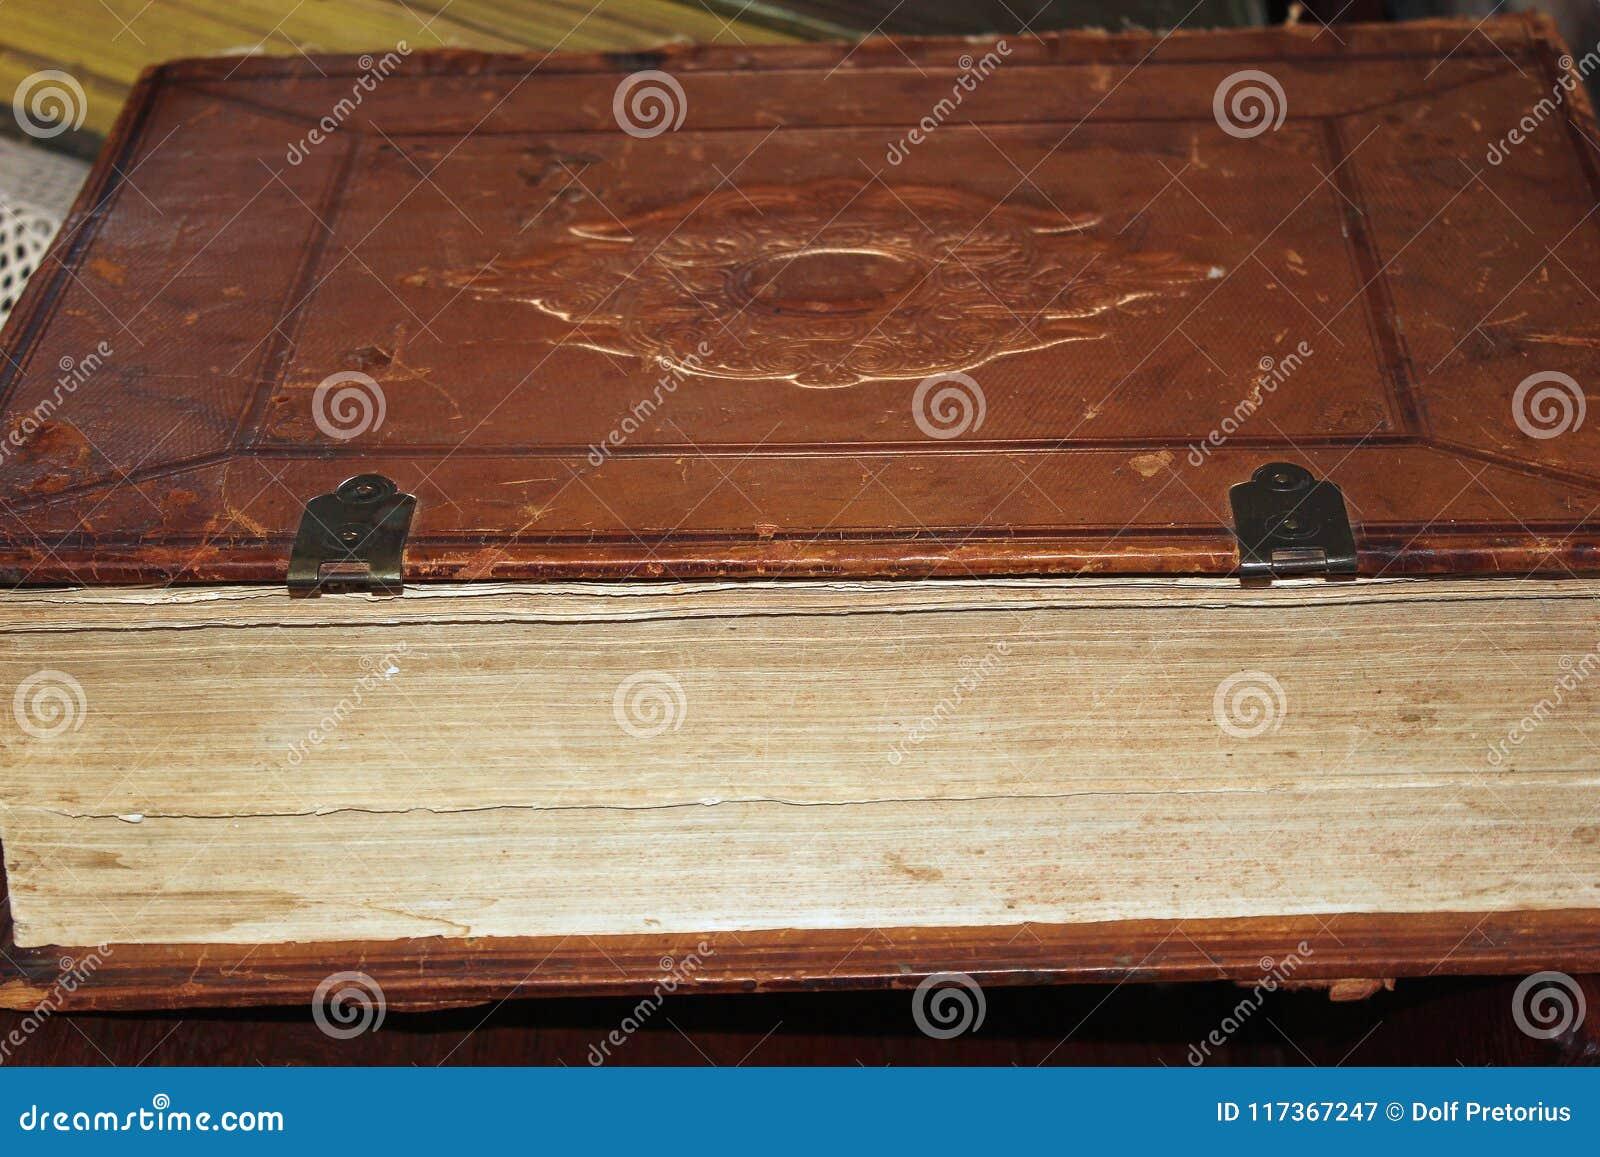 Vieux livre attaché en cuir se trouvant de son côté